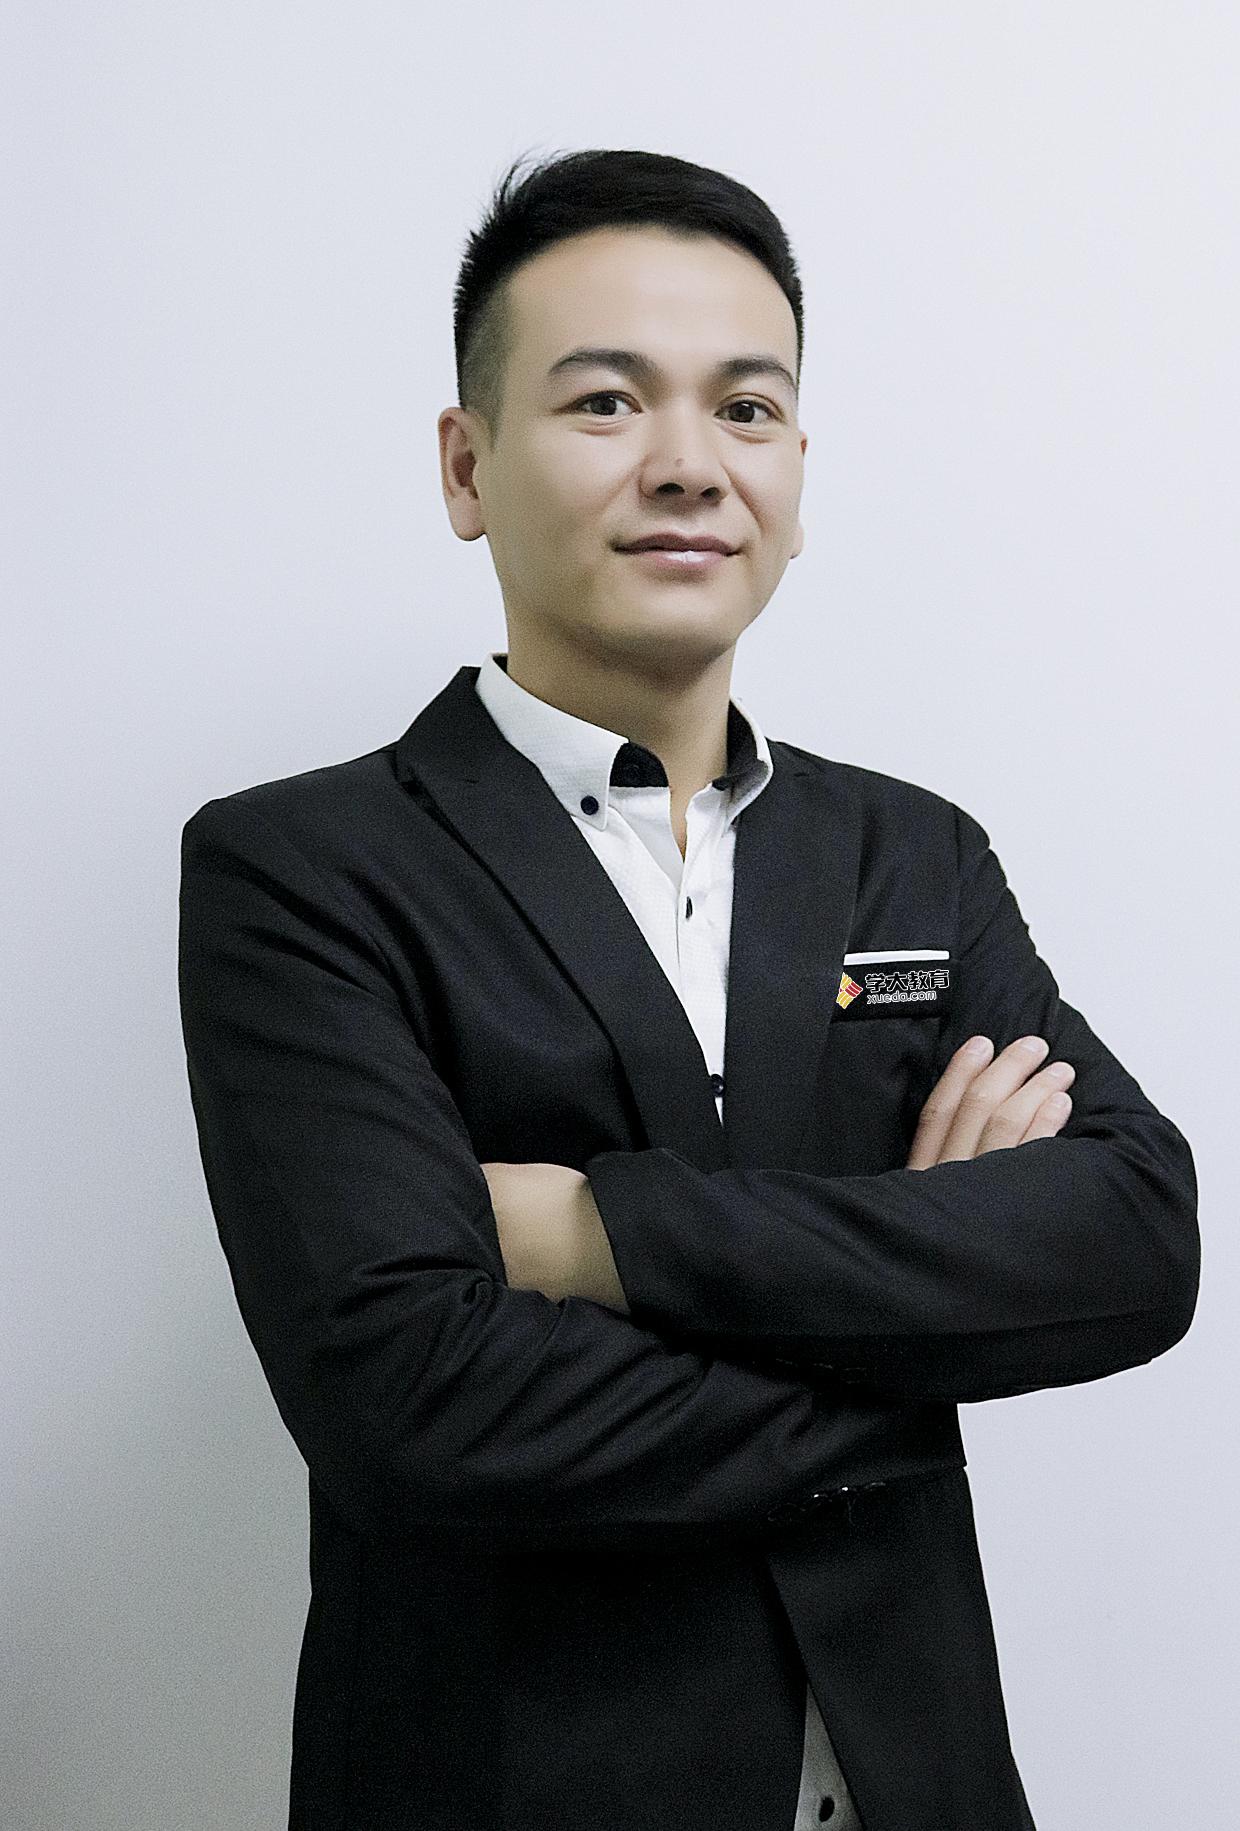 小学老师-小学数学老师_曹杰超